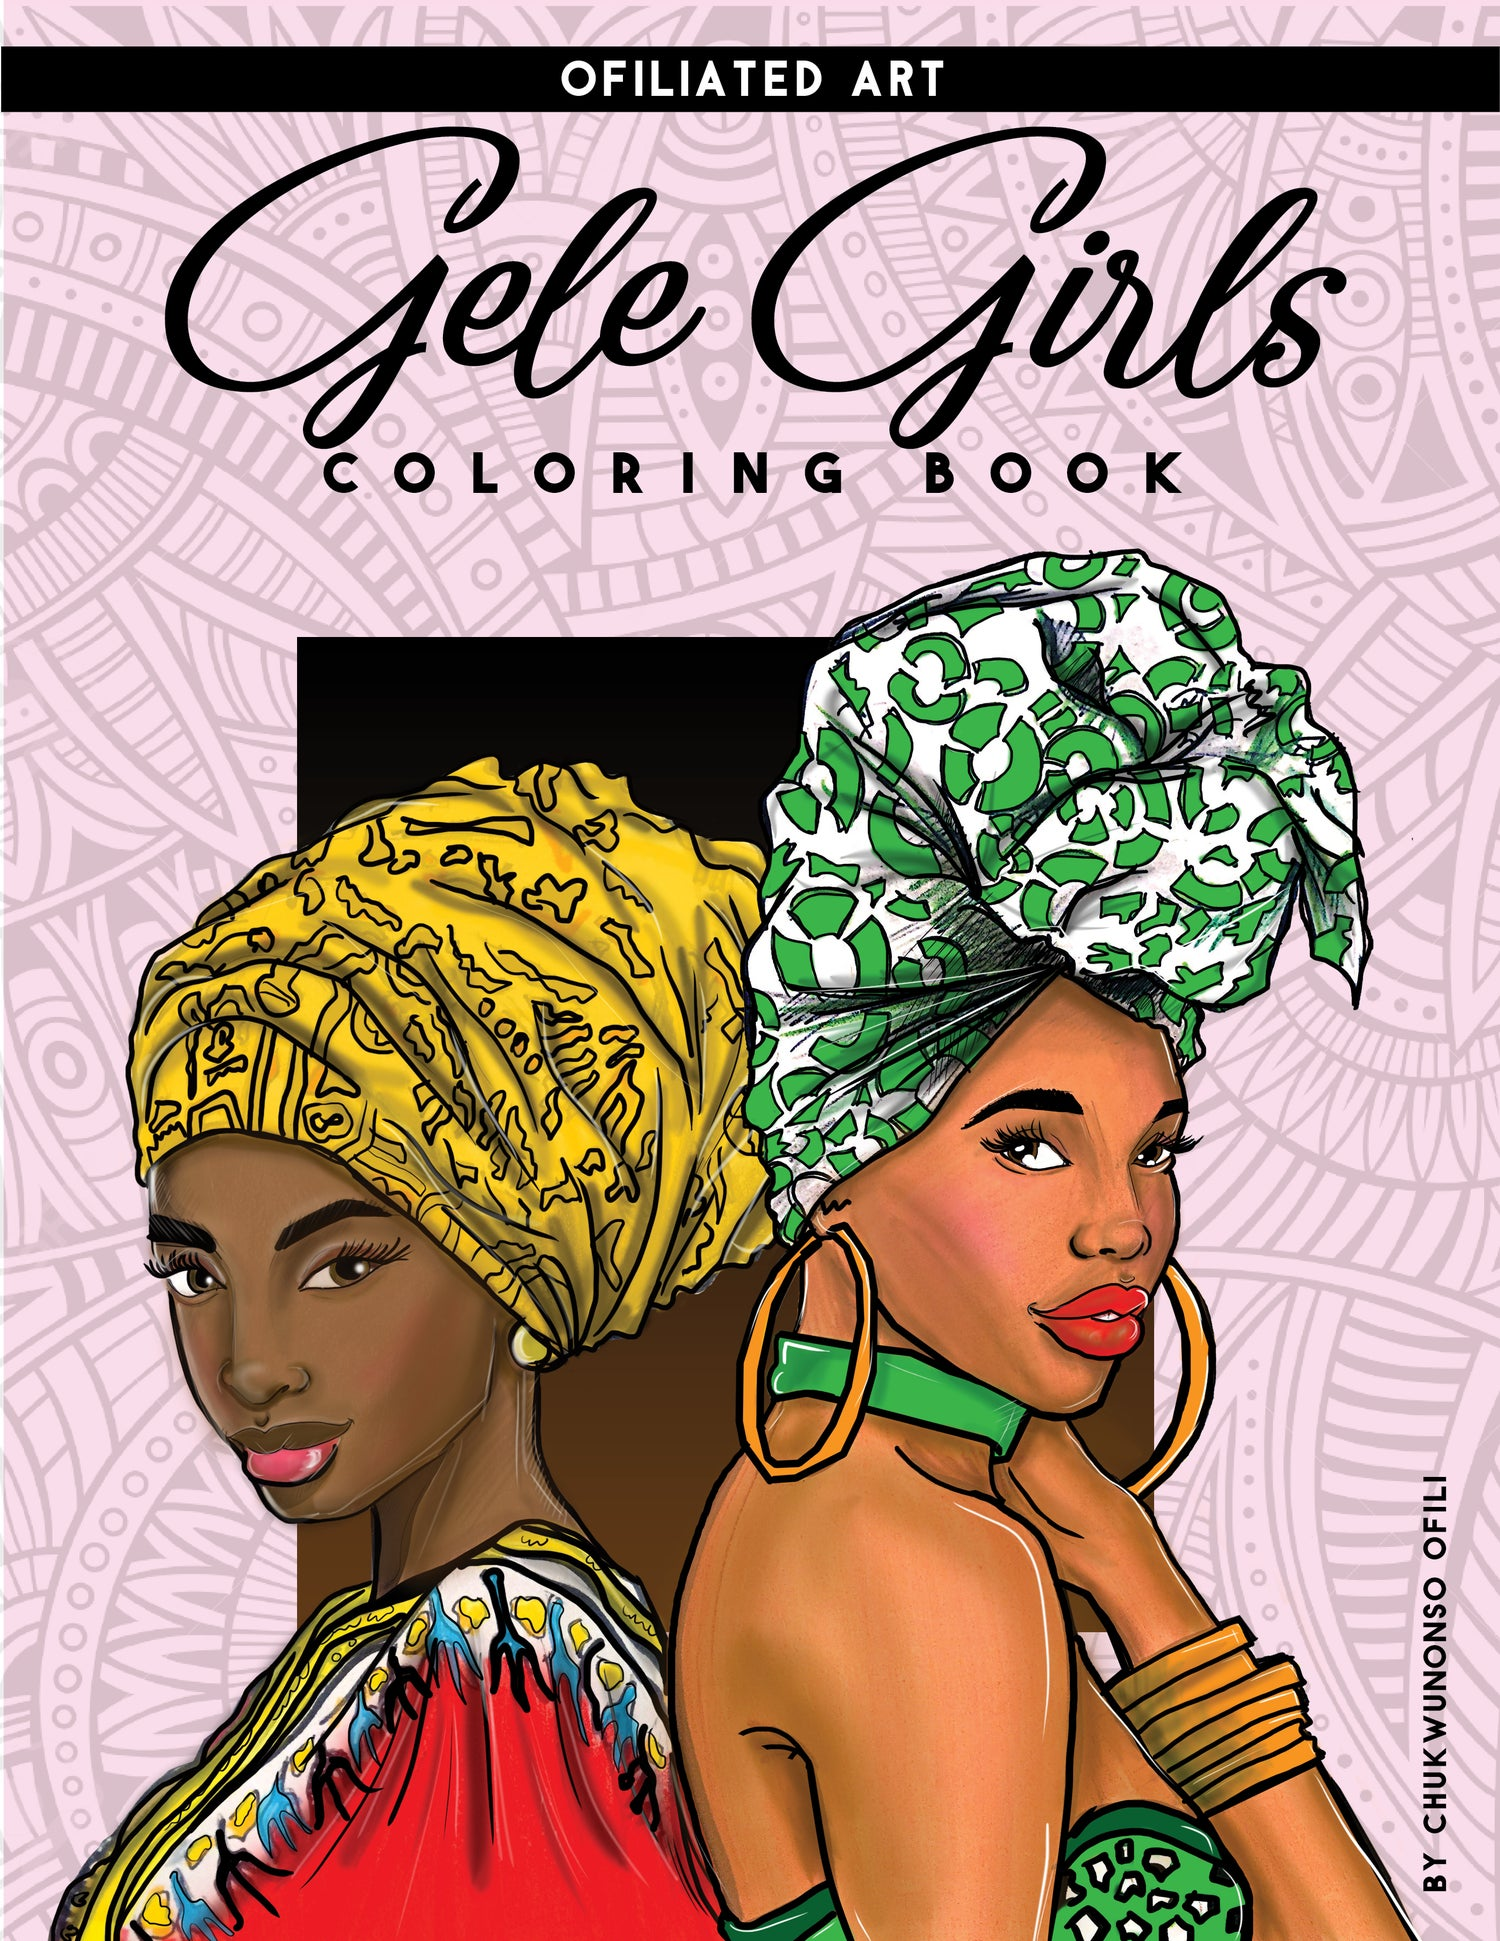 Gele Girls Coloring Book Wahalaclothing